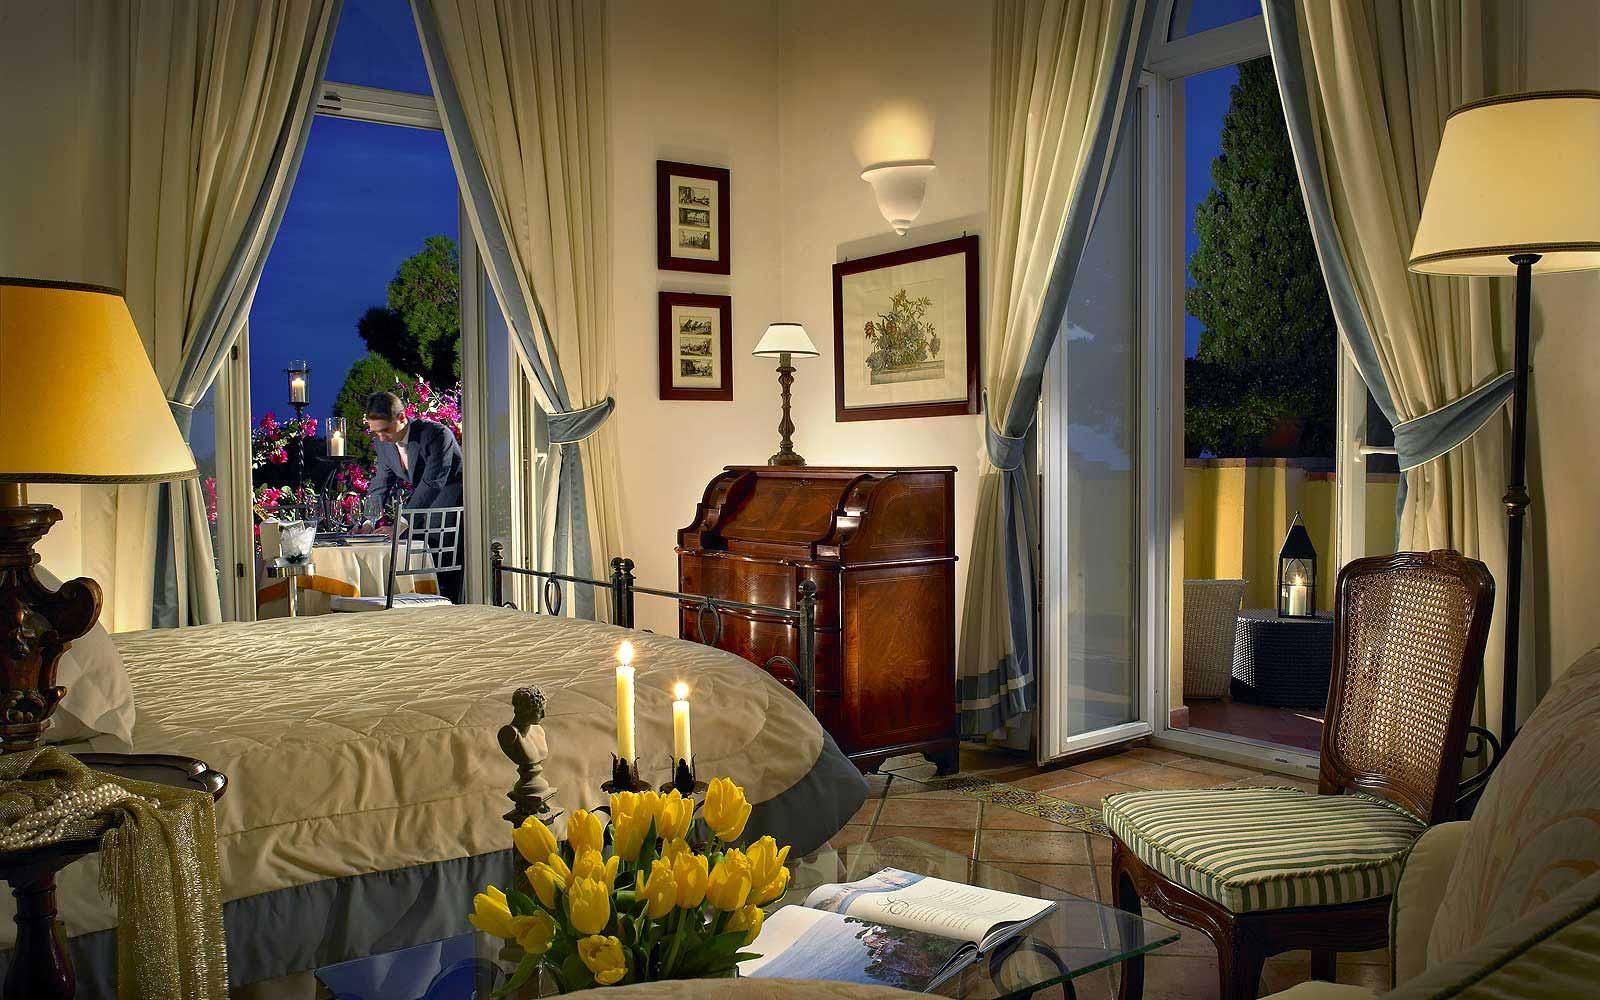 Hotel Caesar Augustus Capri Neapolitan Riviera Italy